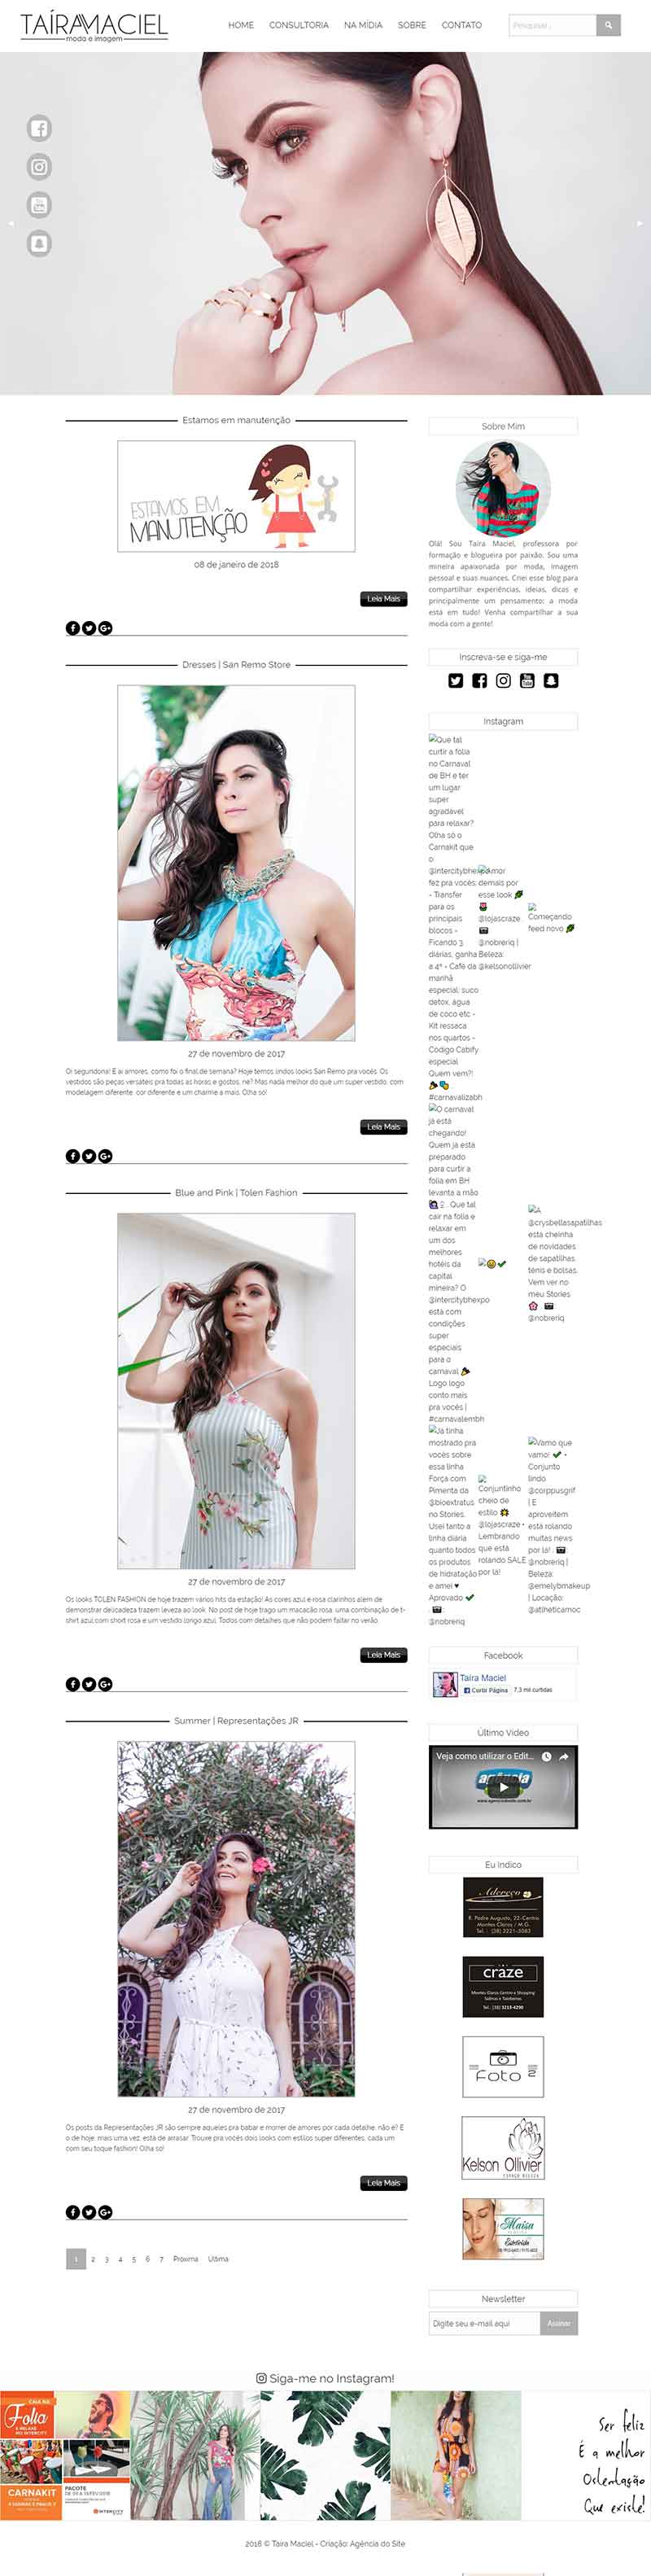 Criação de Blog para Taíra Maciel - Digital Influencer